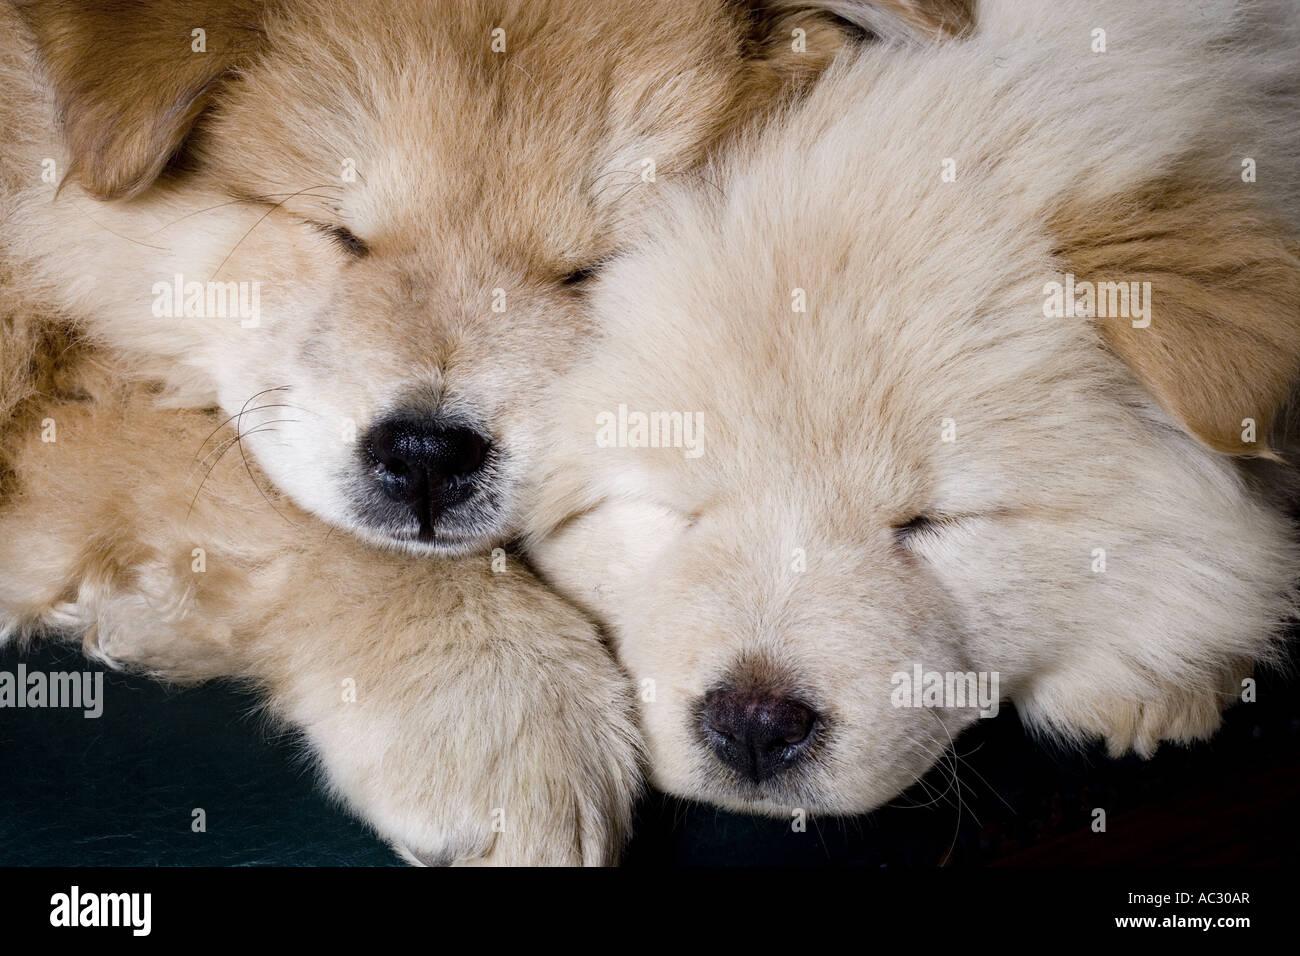 Chow cachorros dormido Imagen De Stock